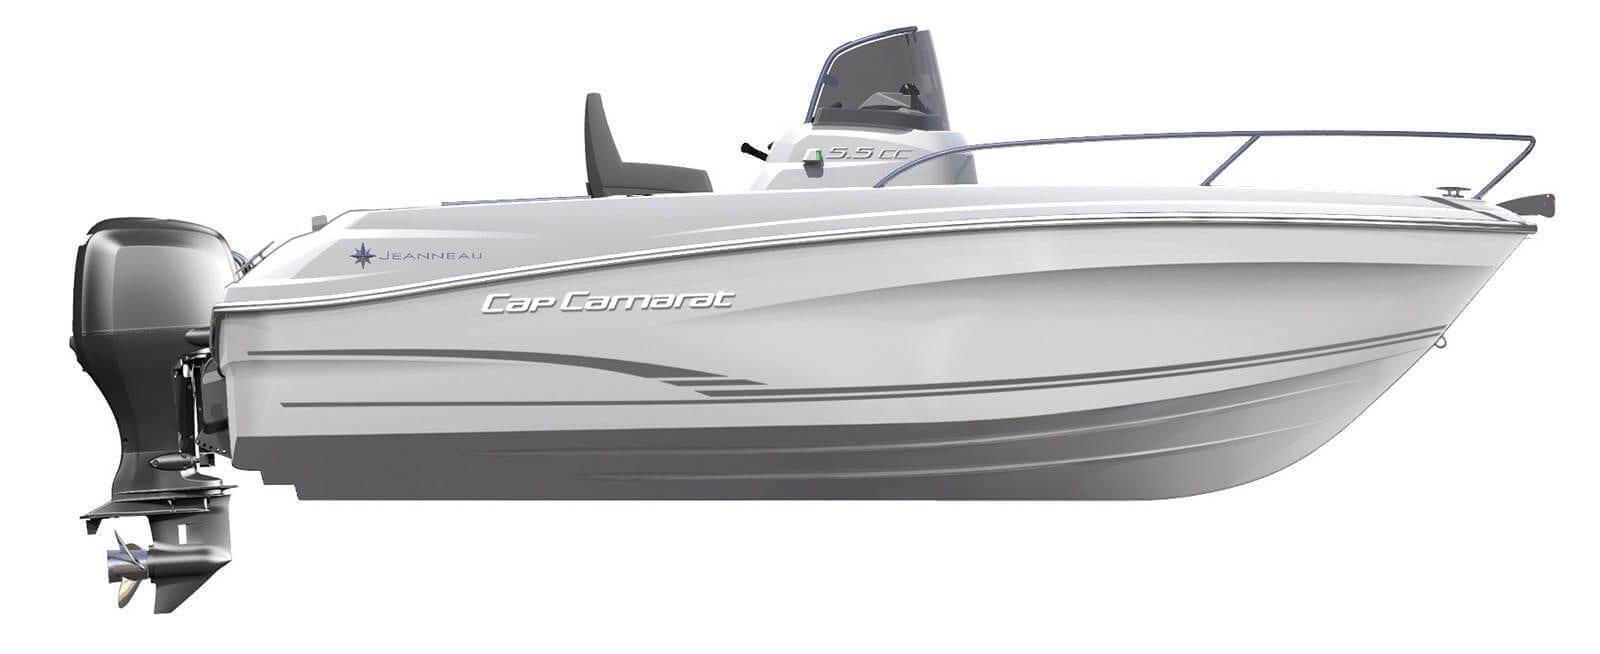 סירת מנוע Jeanneau Cap Camarat 5.5cc - סטרים יאכטות